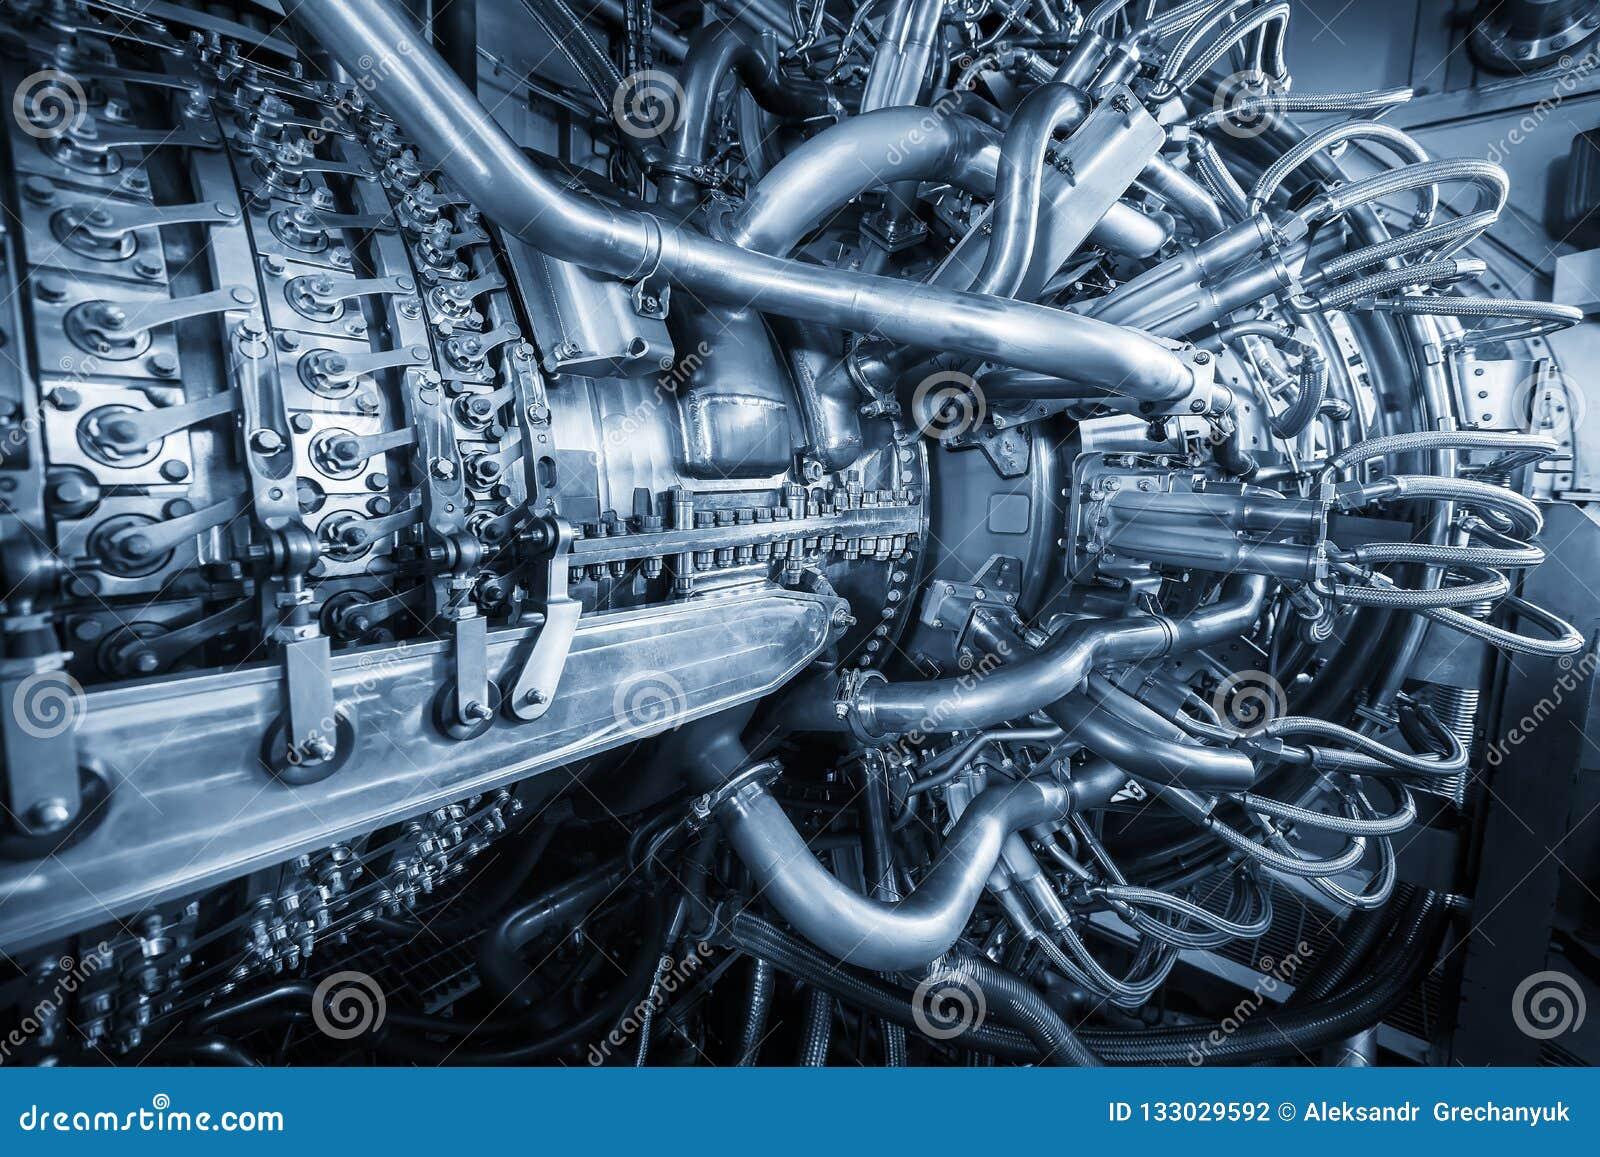 De motor van de gasturbine van de compressor van het voergas bepaalde de plaats binnen van onder druk gezette die bijlage, de mot